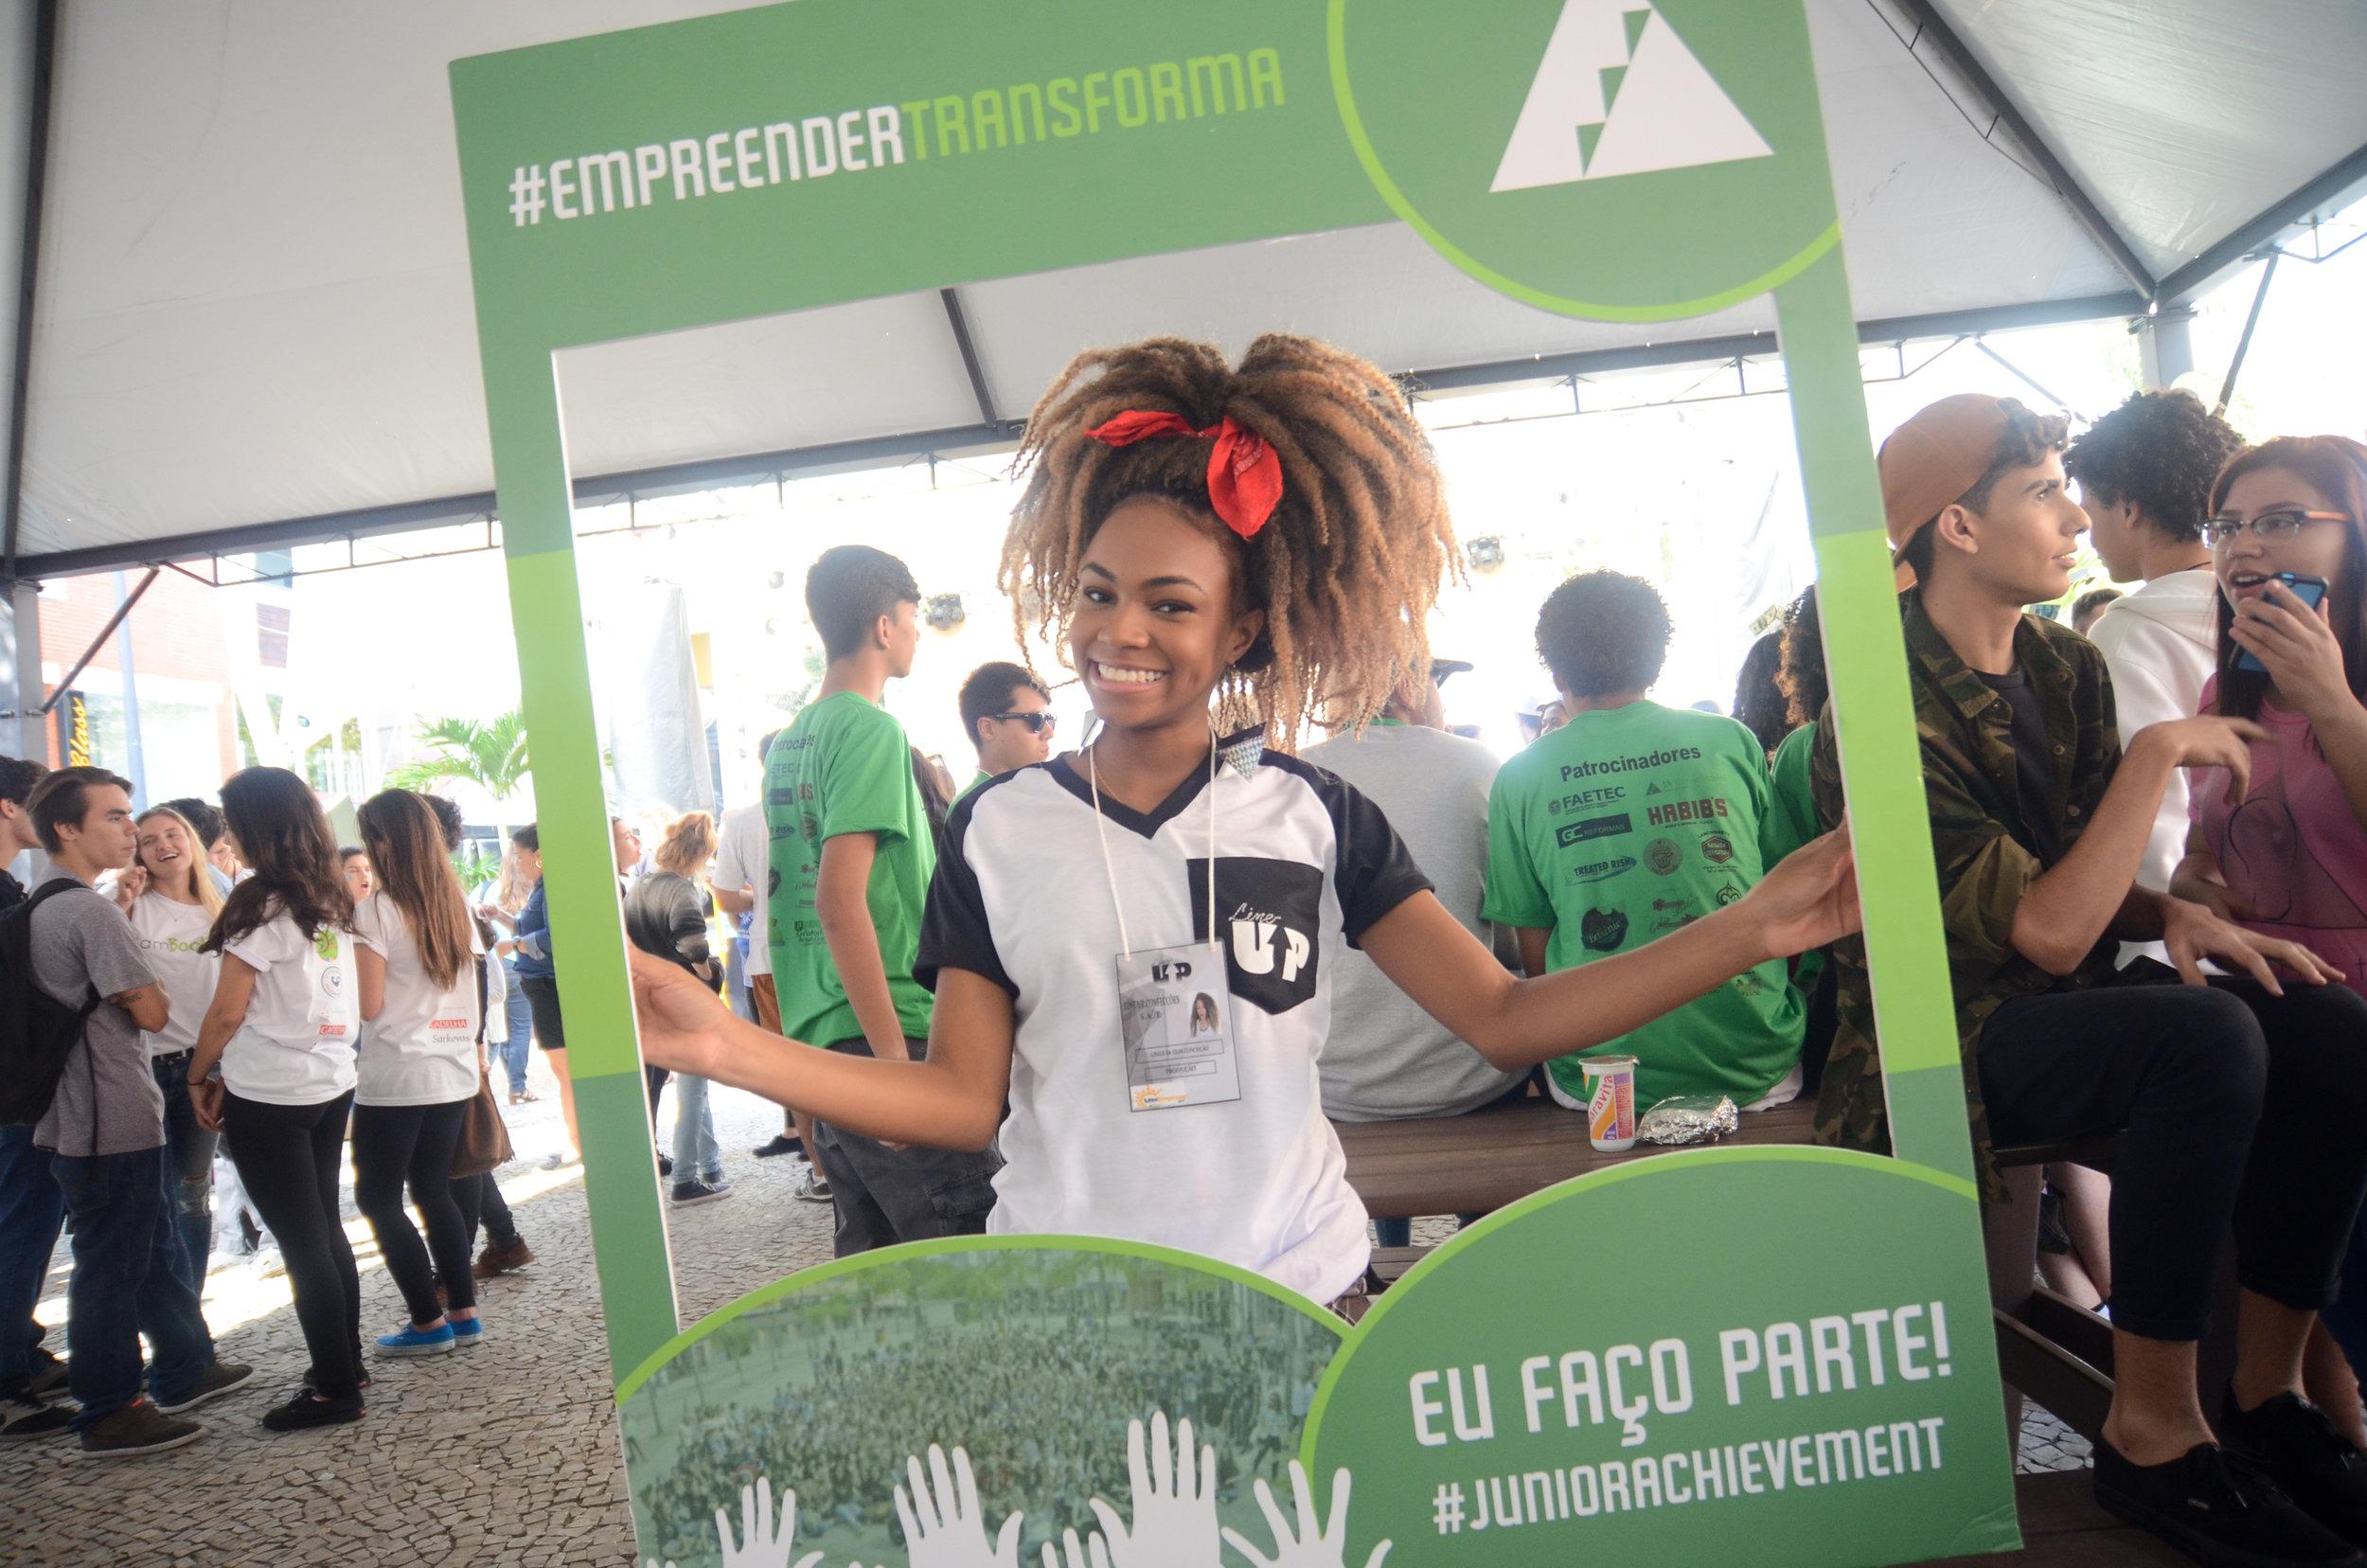 JUNIOR ACHIEVEMENT   Fundada em 1999 no Rio de Janeiro, atendeu desde então mais de 270 mil jovens com o apoio de mais de 11 mil profissionais voluntários e empresas parceiras.  Realizamos o trabalho de relacionamento com a imprensa do Rio, com o desafio de tornar a JA cada vez mais influente, impactando, assim, mais alunos no Estado.